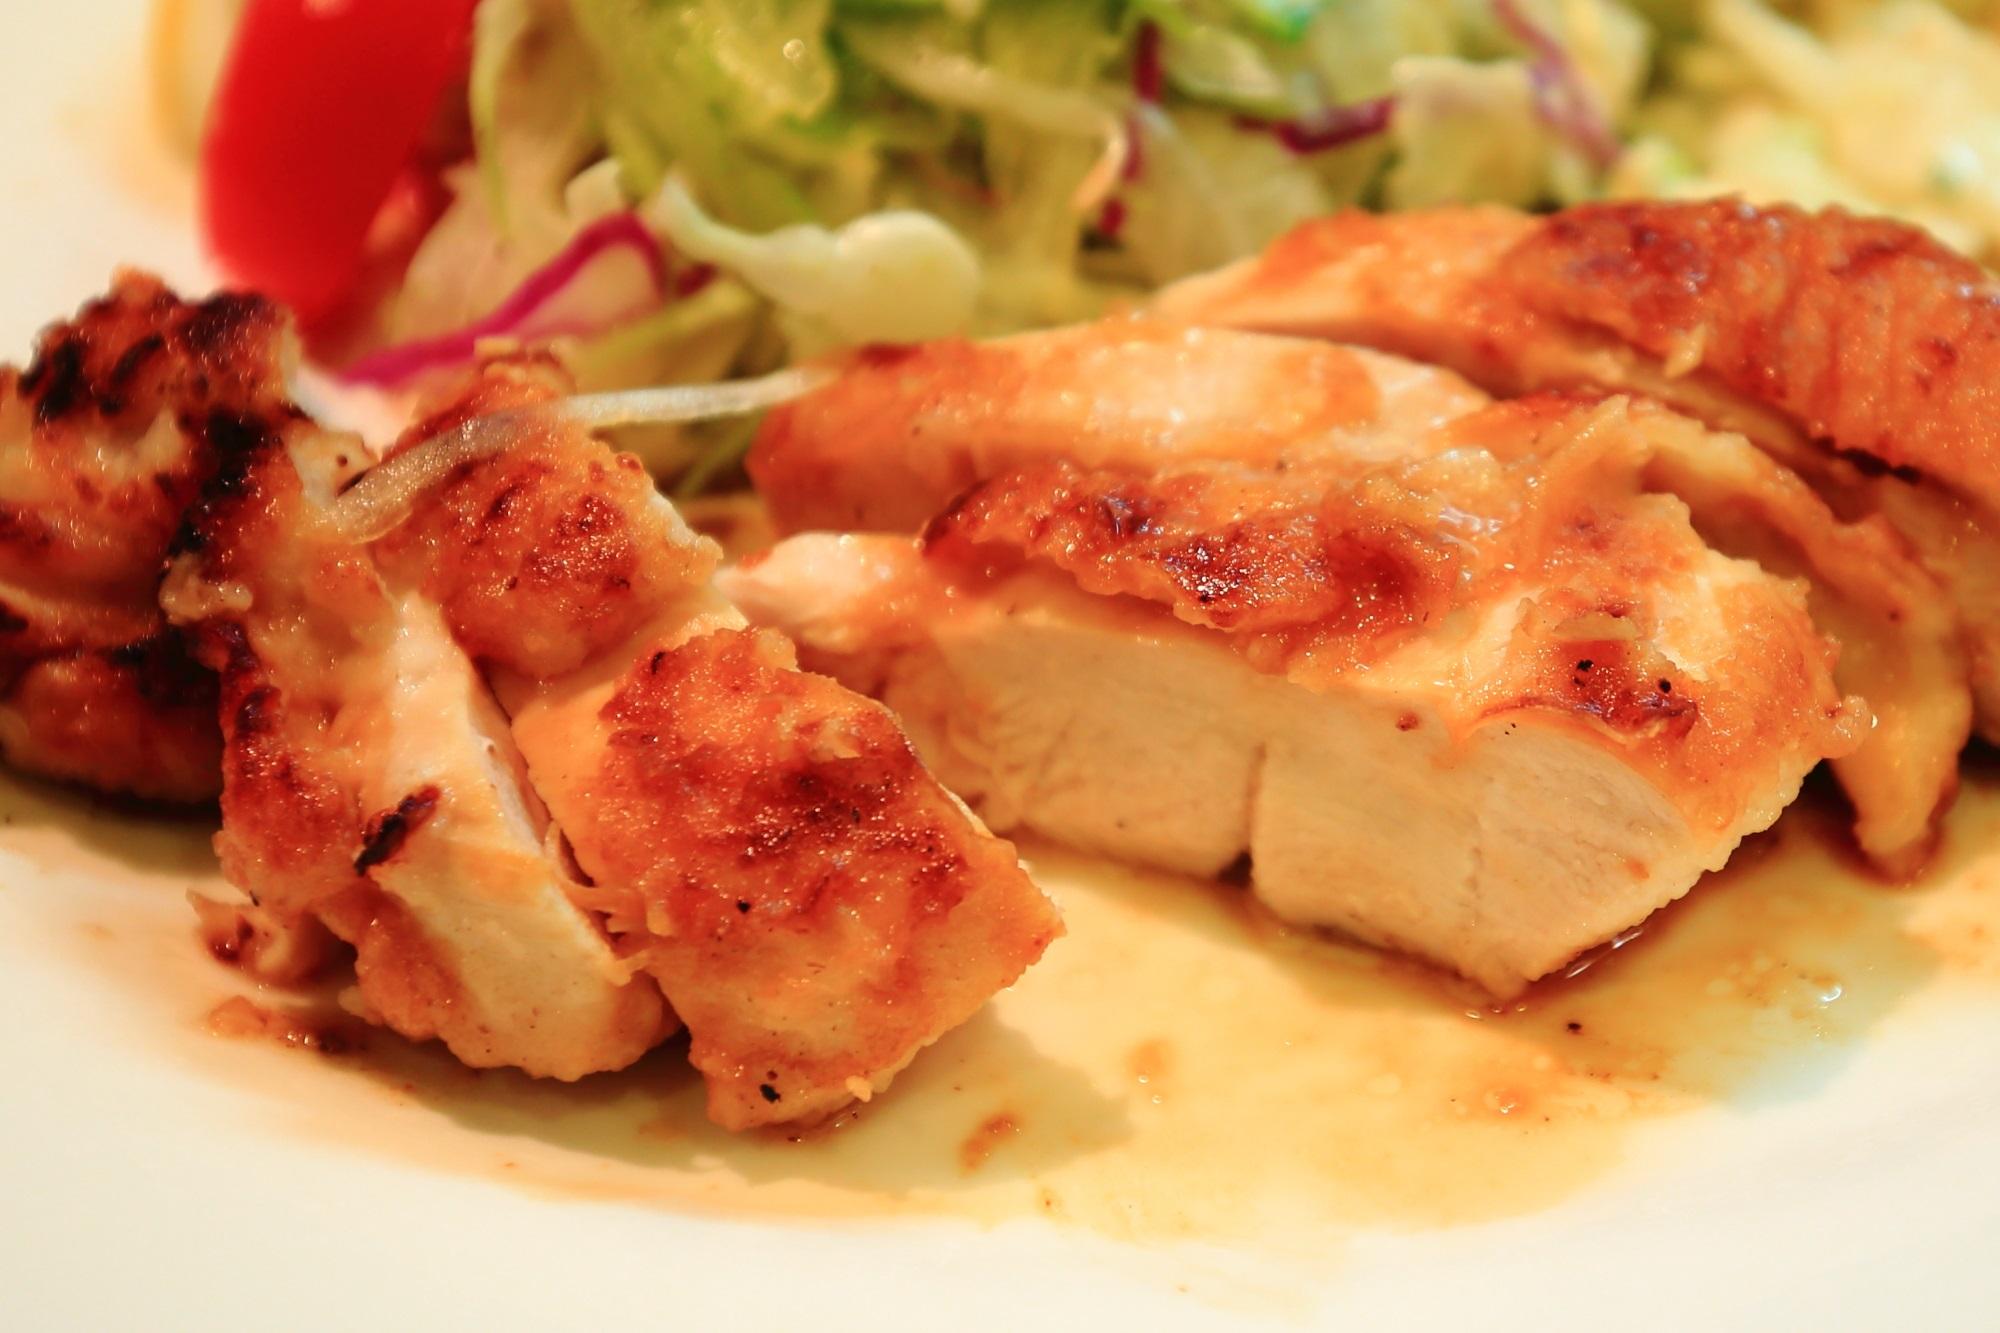 サラダの店 サンチョ 若鶏のグリルチキンとサラダ うまい 河原町